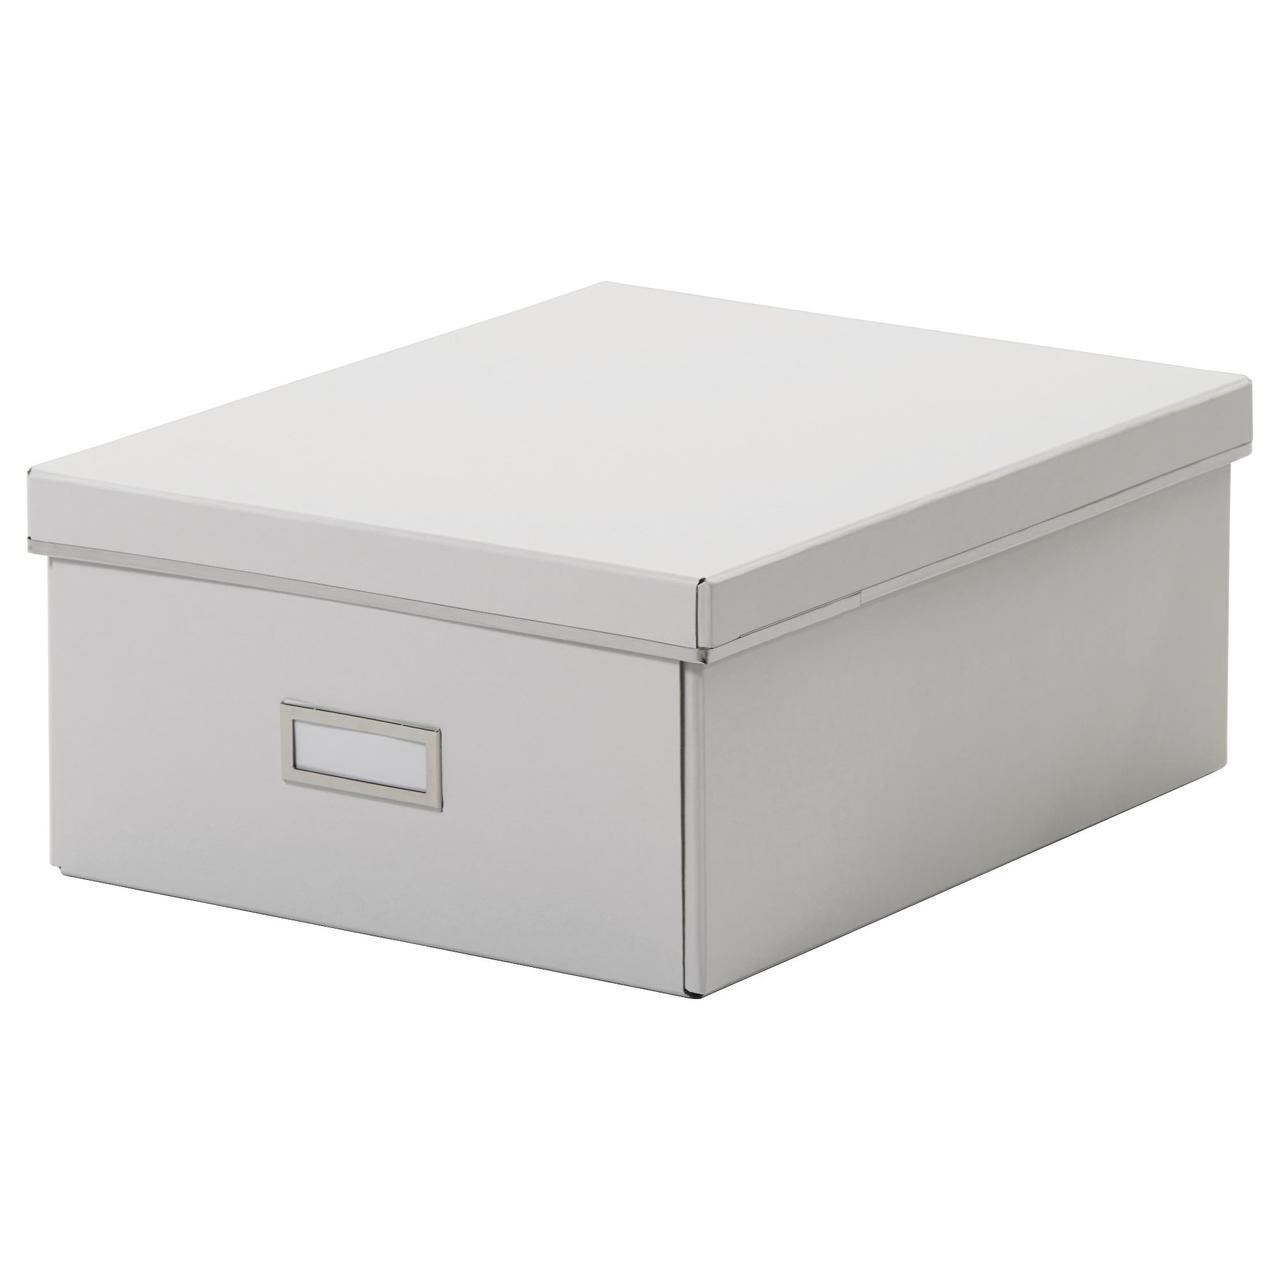 IKEA SMARASSEL (203.000.07) Коробка з кришкою, білий 27x35x15 см